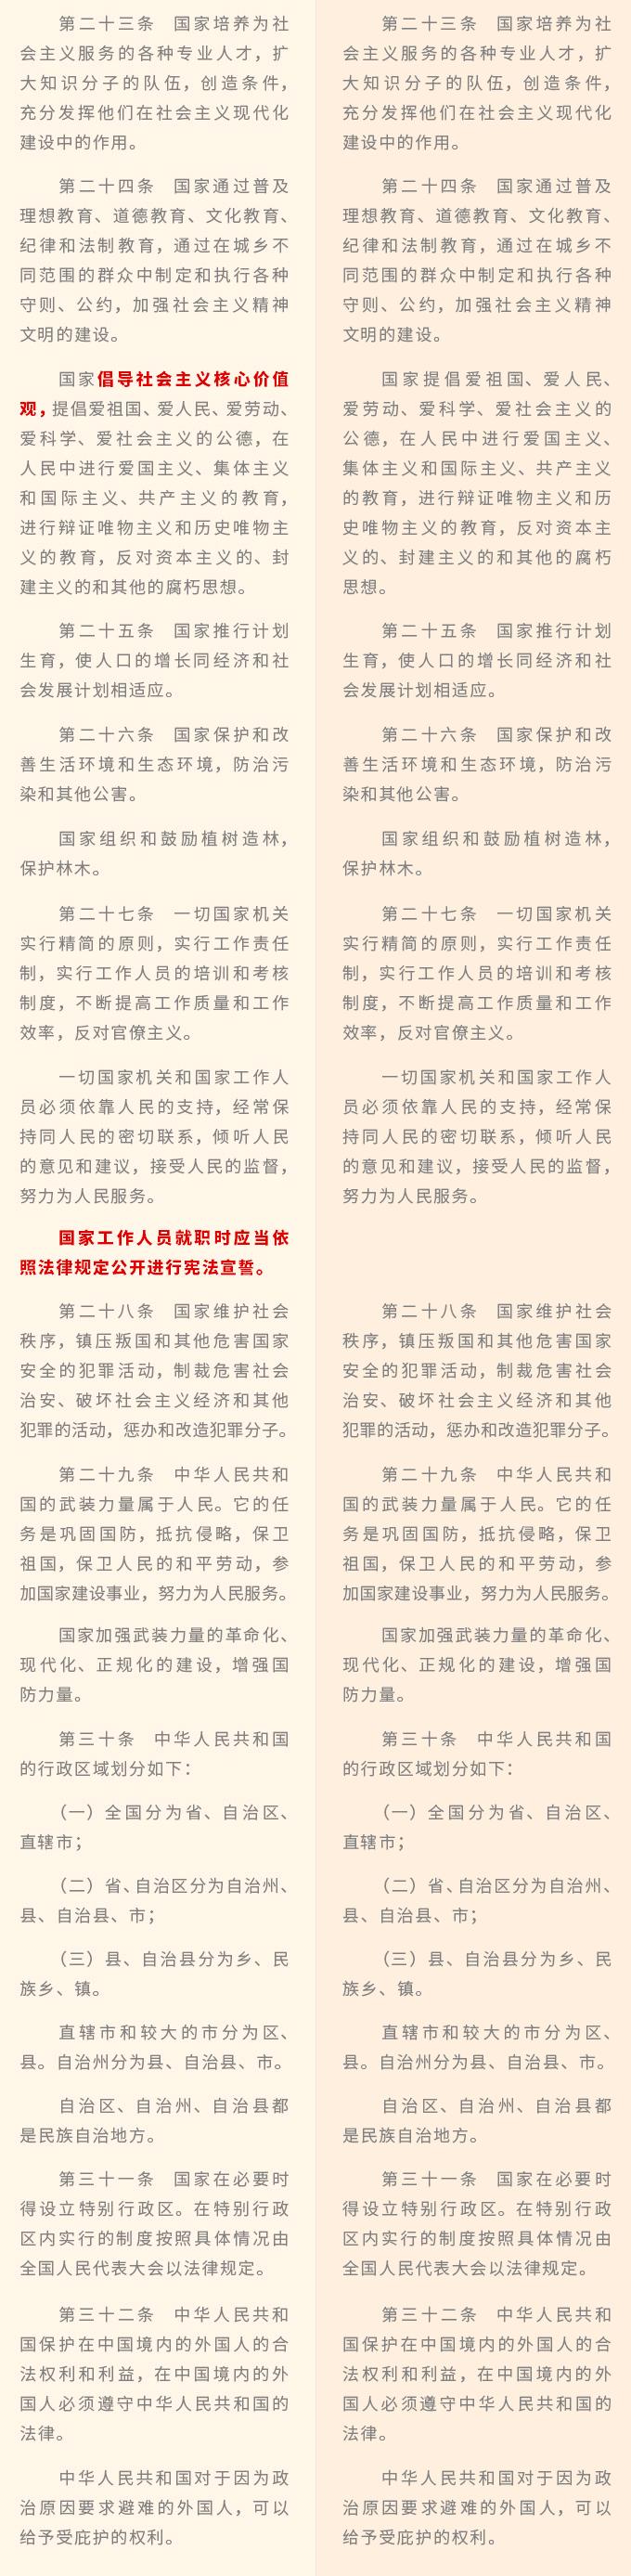 2018宪法修订-7.png